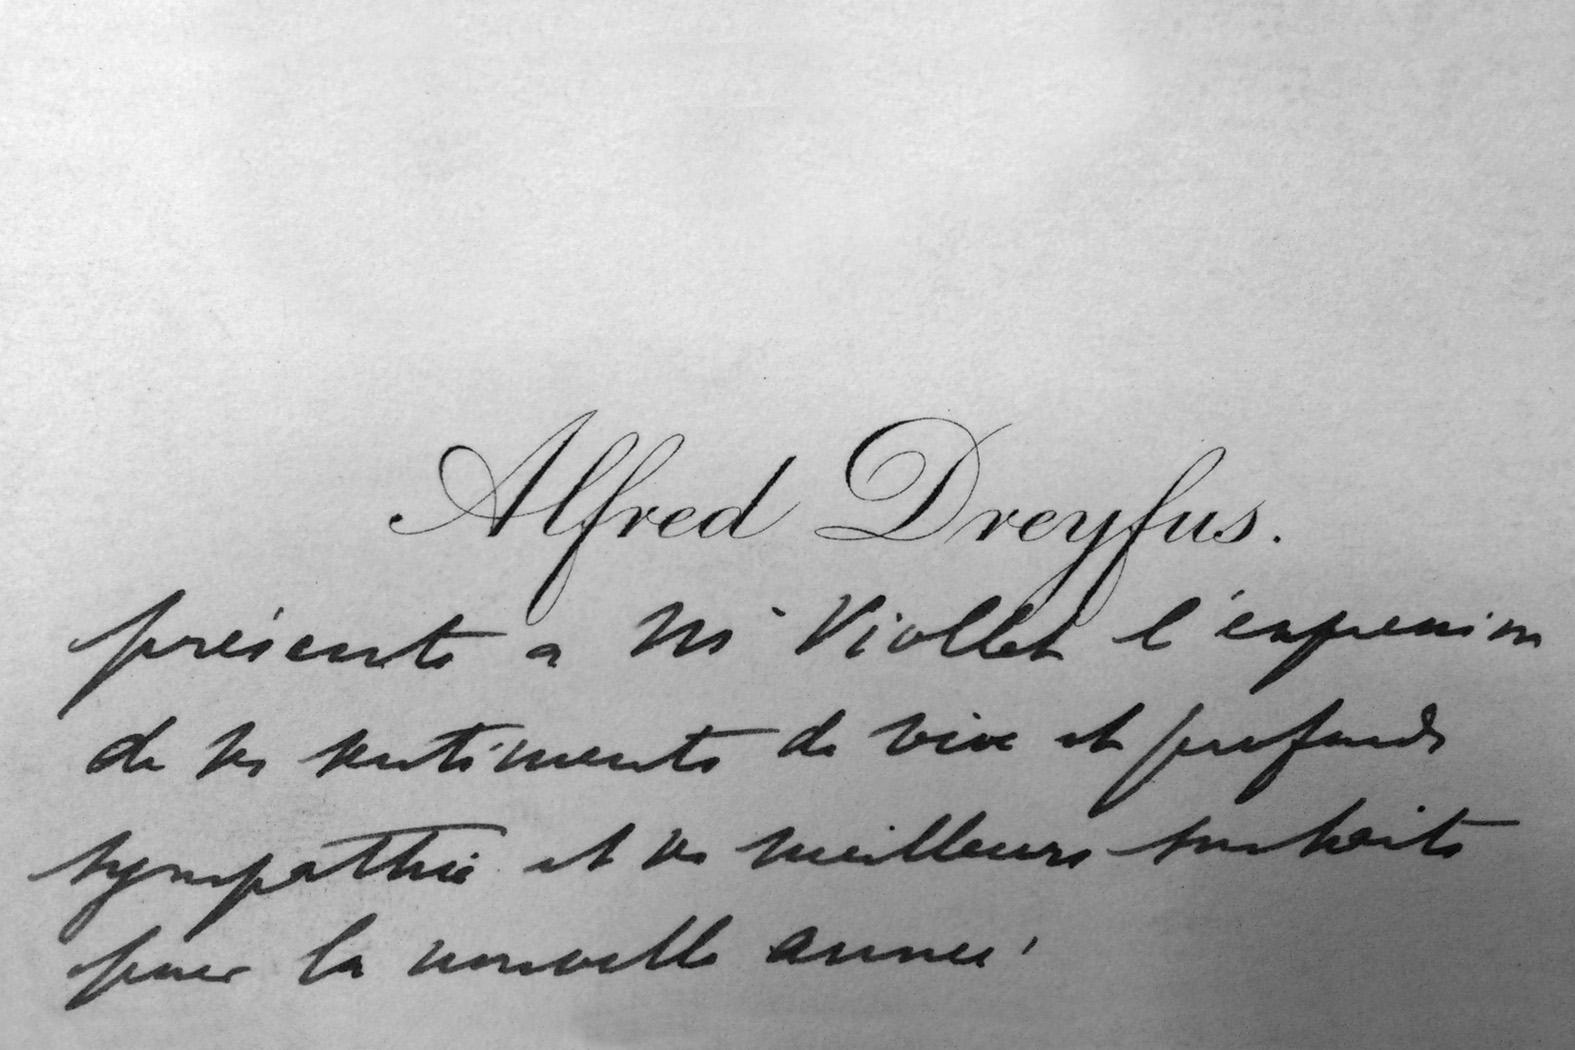 Paul Viollet, l'affaire Dreyfus et les Droits de l'homme